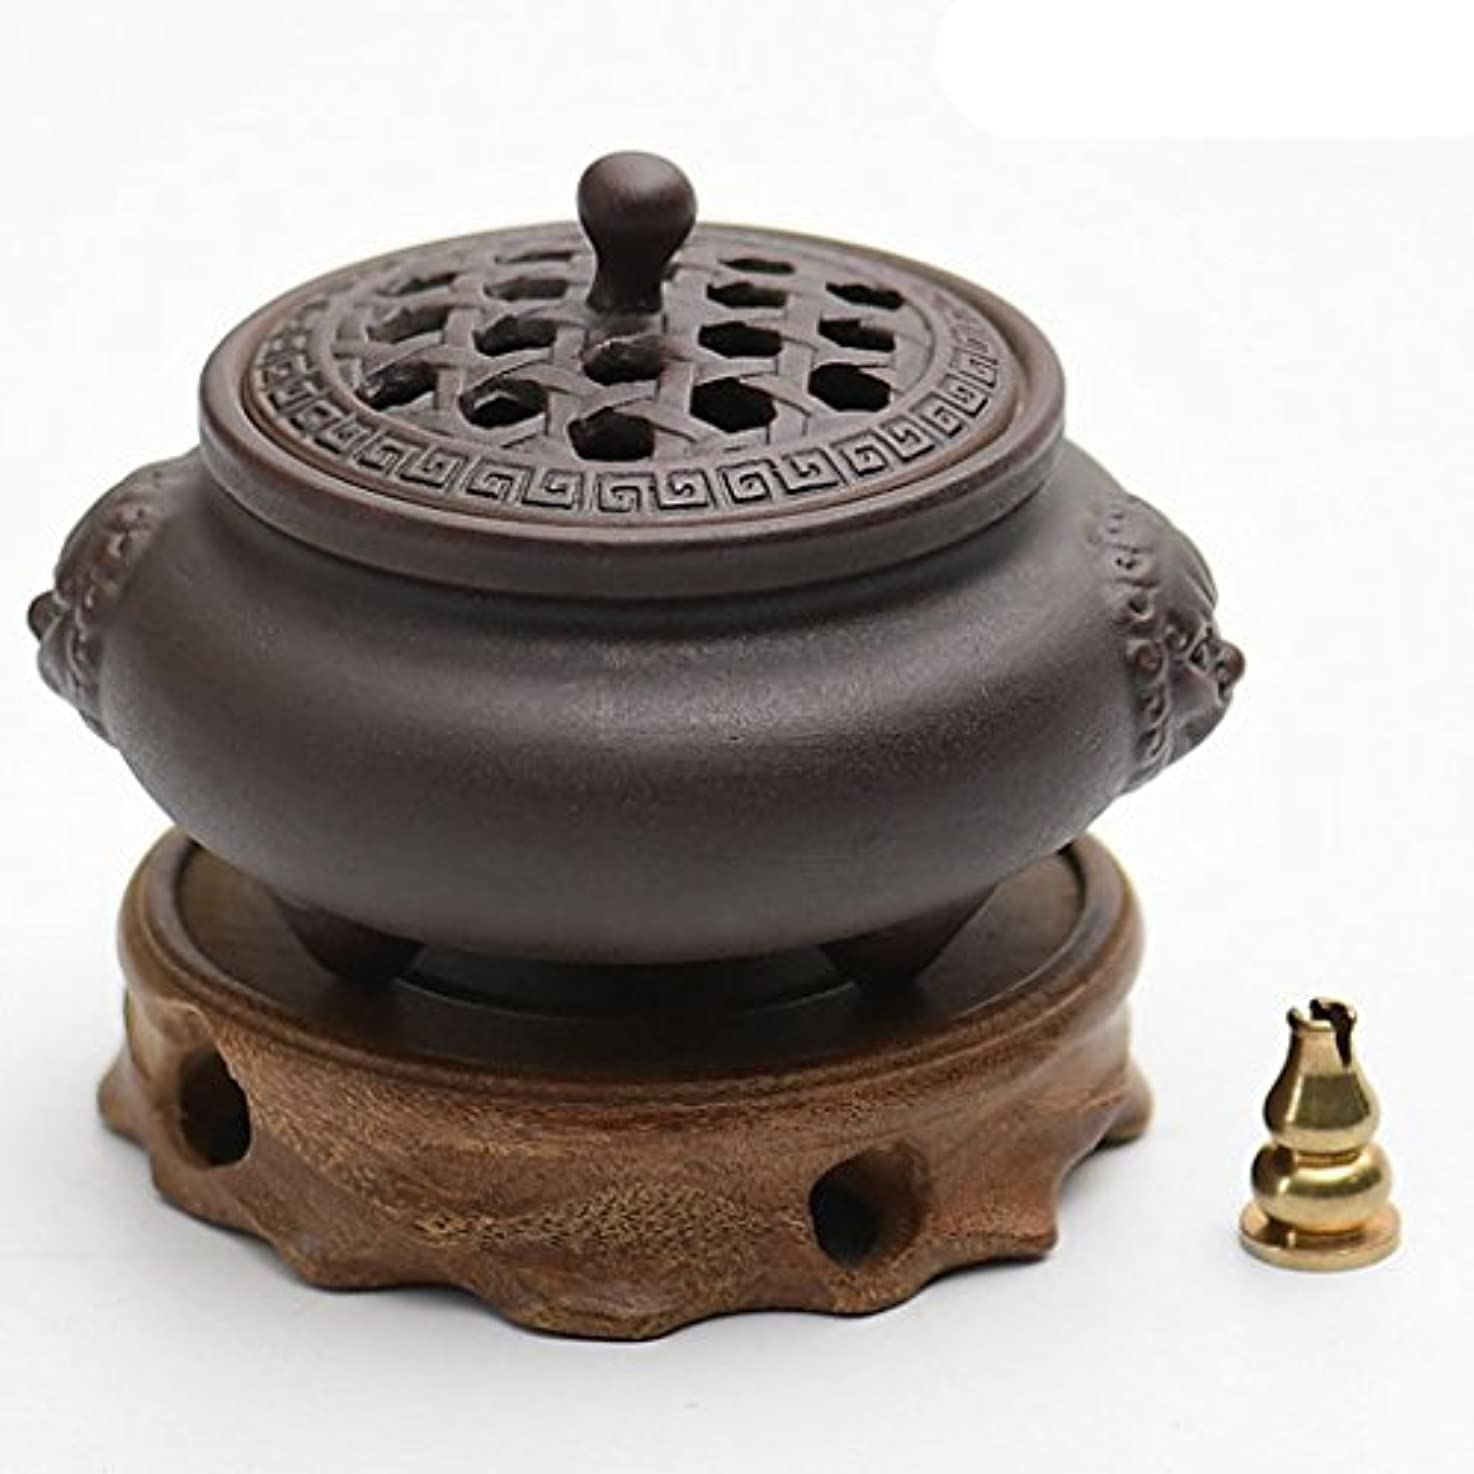 多年生イノセンススポット(ラシューバー) Lasuiveur 香炉 線香立て 香立て 職人さんの手作り 茶道用品 おしゃれ  木製 透かし彫り